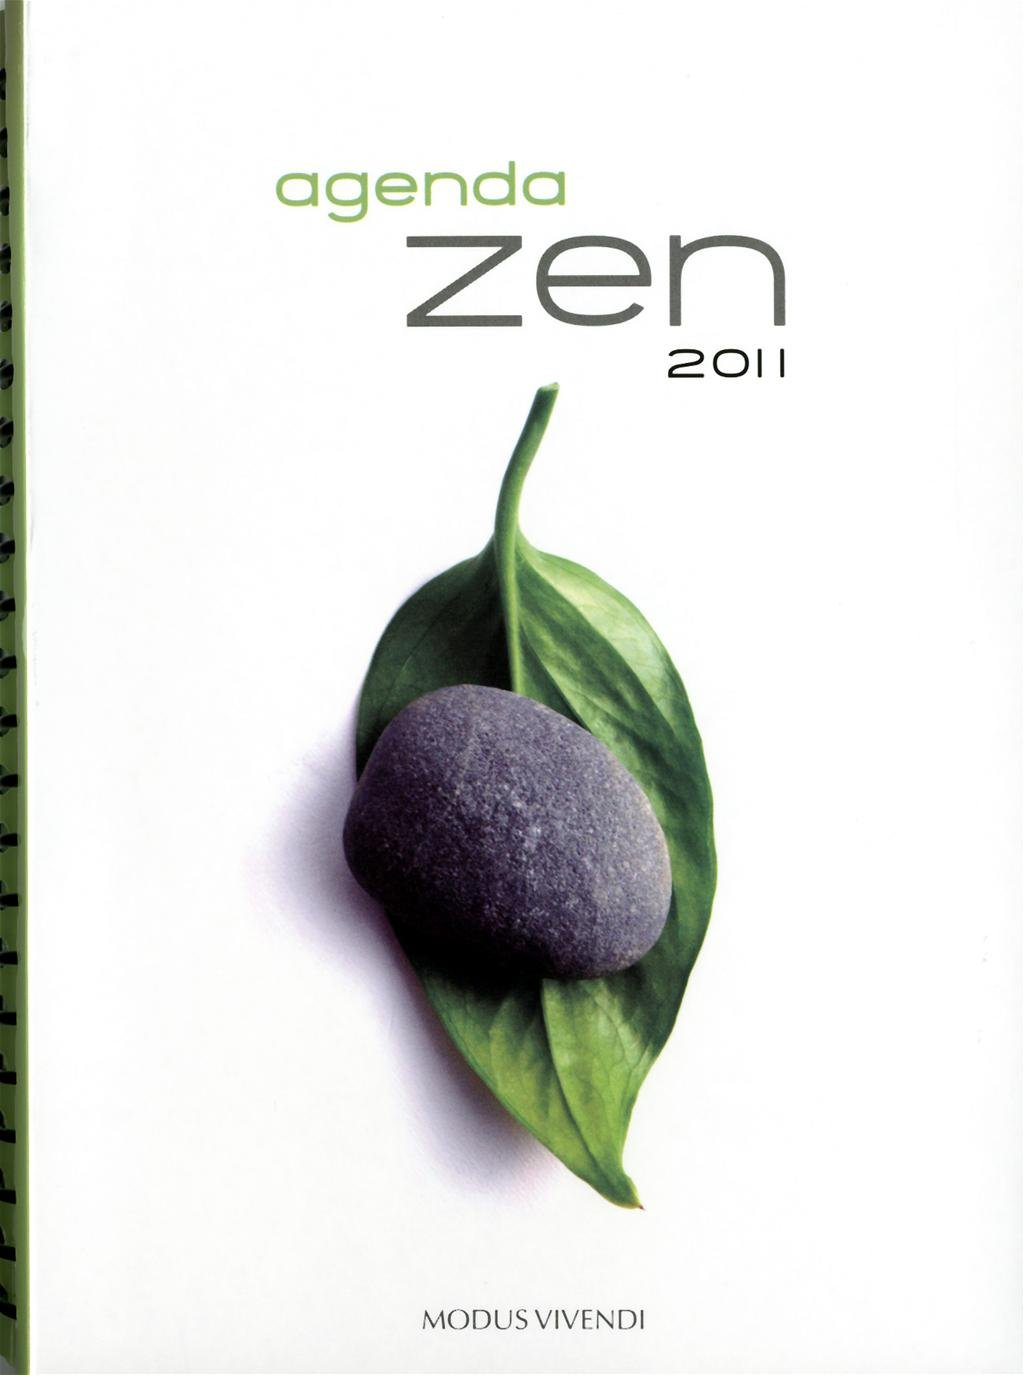 Agenda Zen 2011: Amazon.es: Libros en idiomas extranjeros